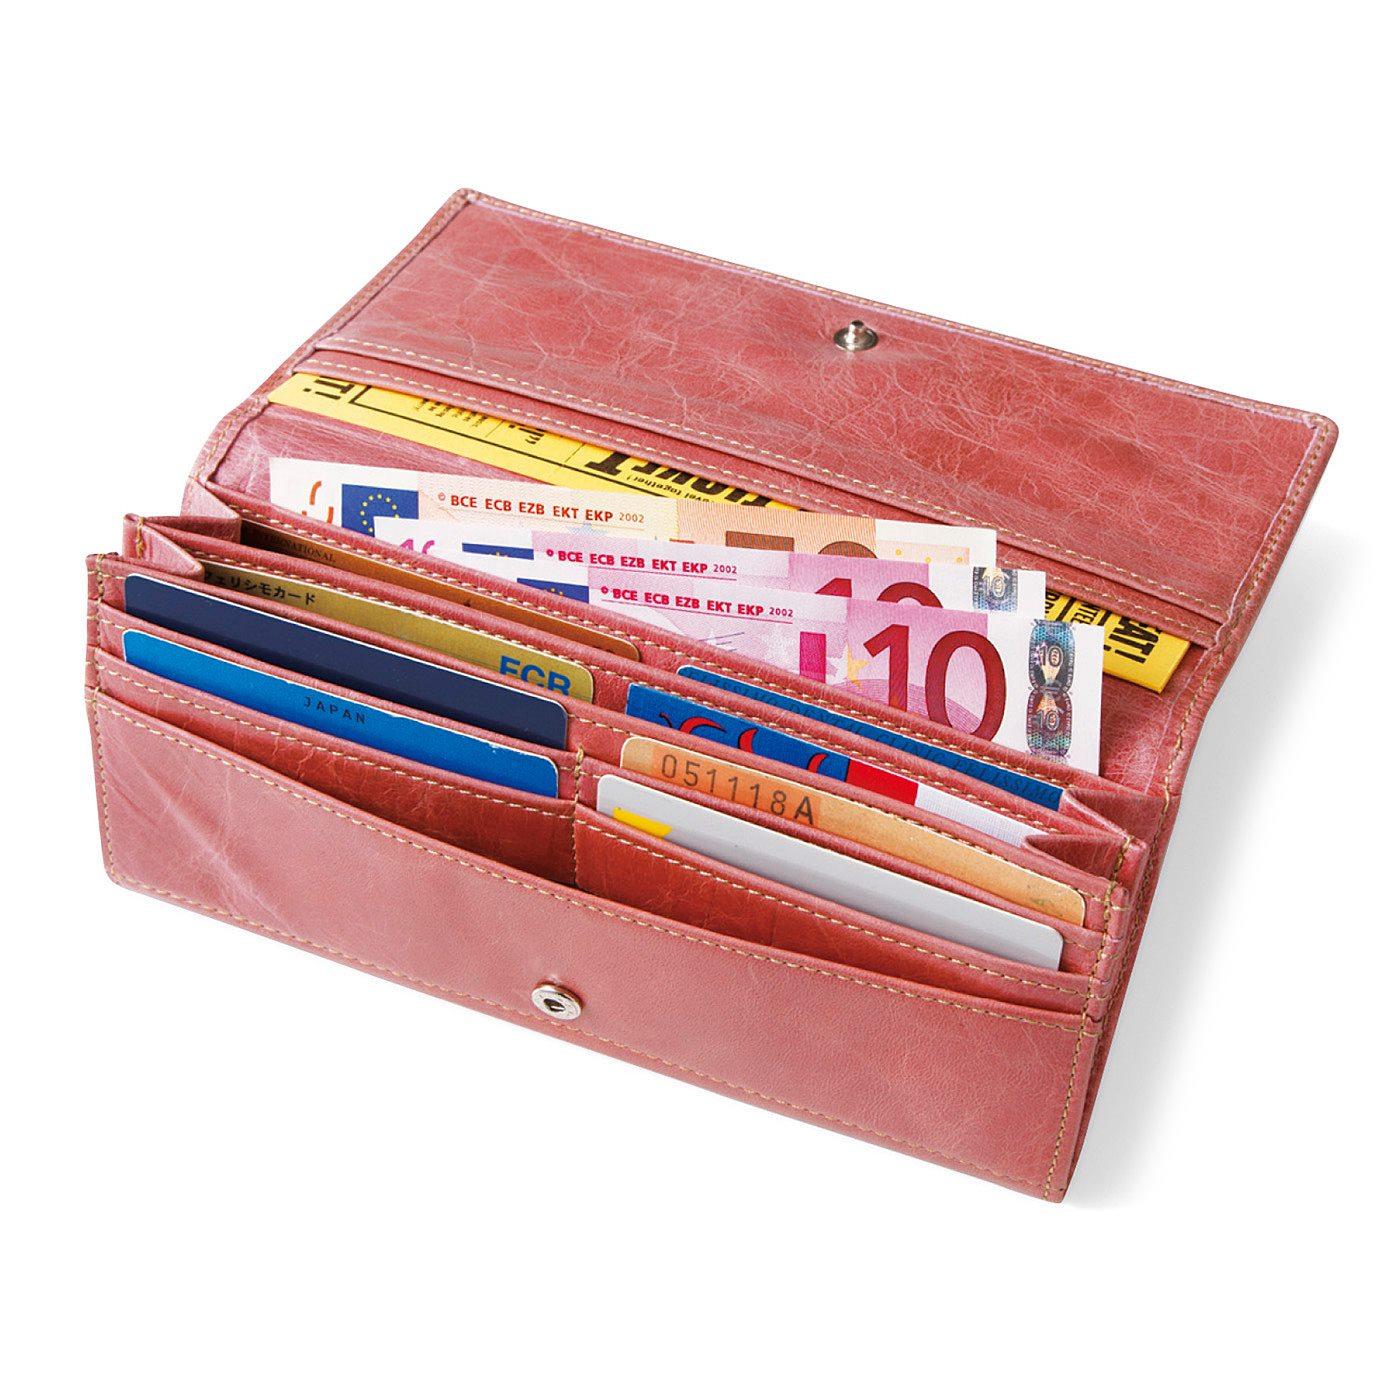 大きく開くジャバラ仕様なので、お札の出し入れも楽々。カードポケットは合計16個!!増えがちなカードも安心。